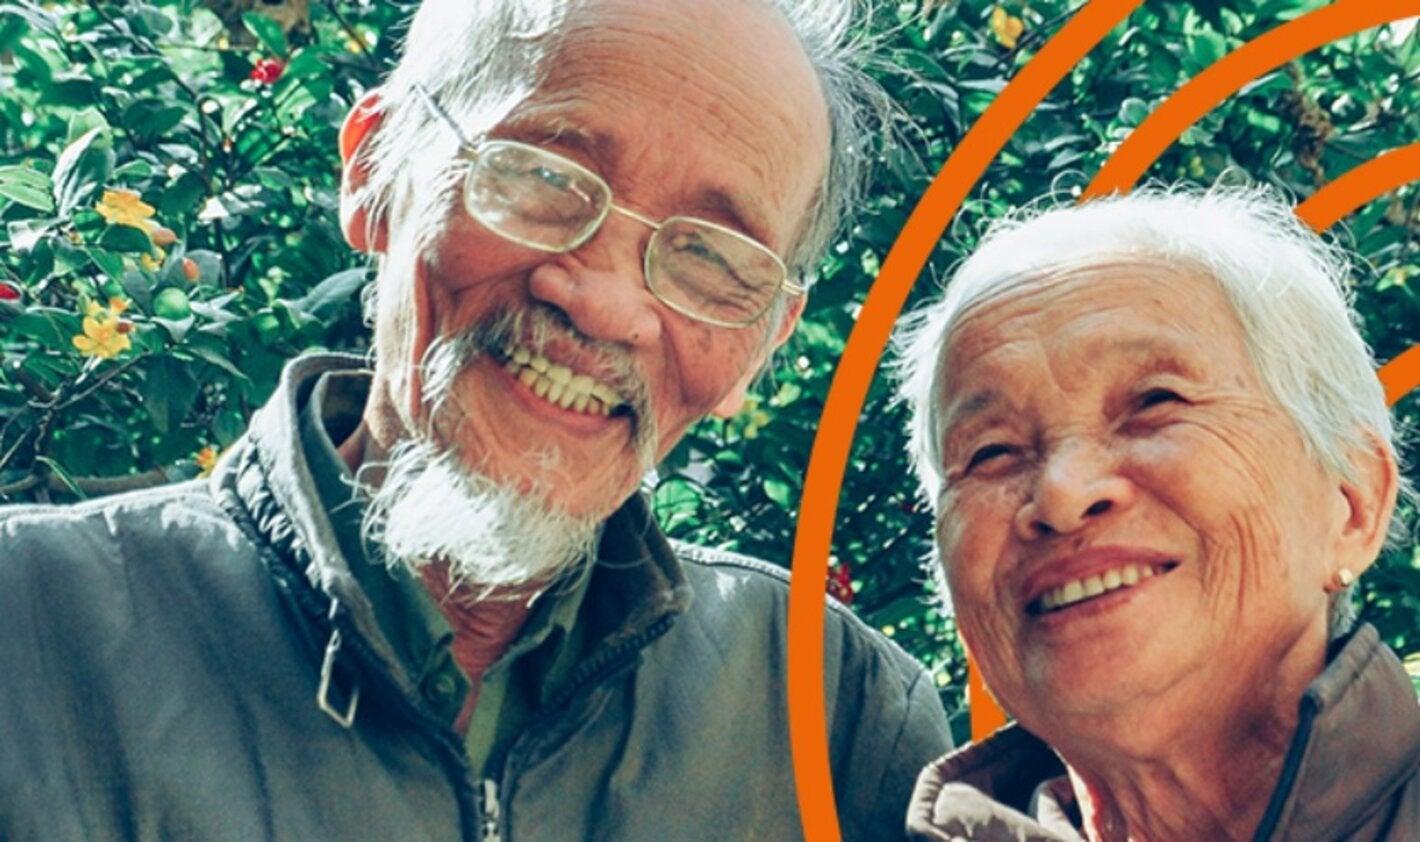 A abordagem ampla em apoio ao envelhecimento saudável encoraja a ação internacional para melhorar a vida dos idosos, suas famílias e comunidades